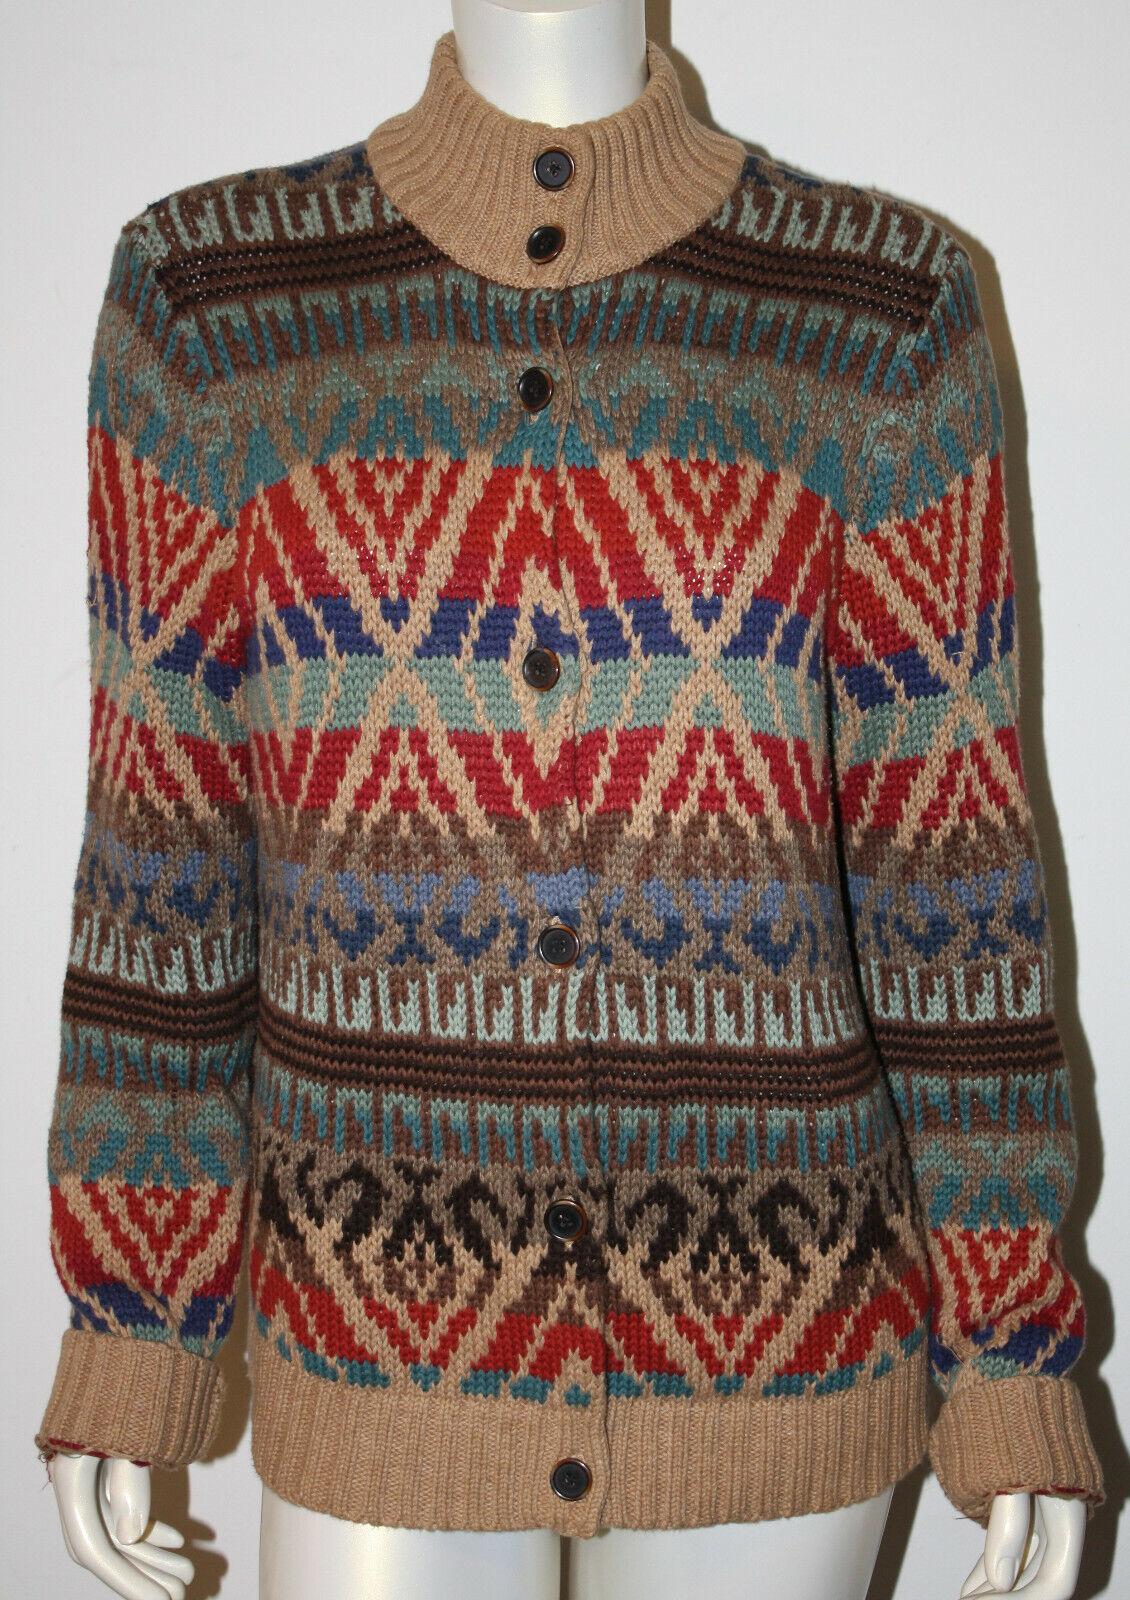 RALPH LAUREN Indian Blanket Cardigan Sweater XL Tan Brown bluee Red